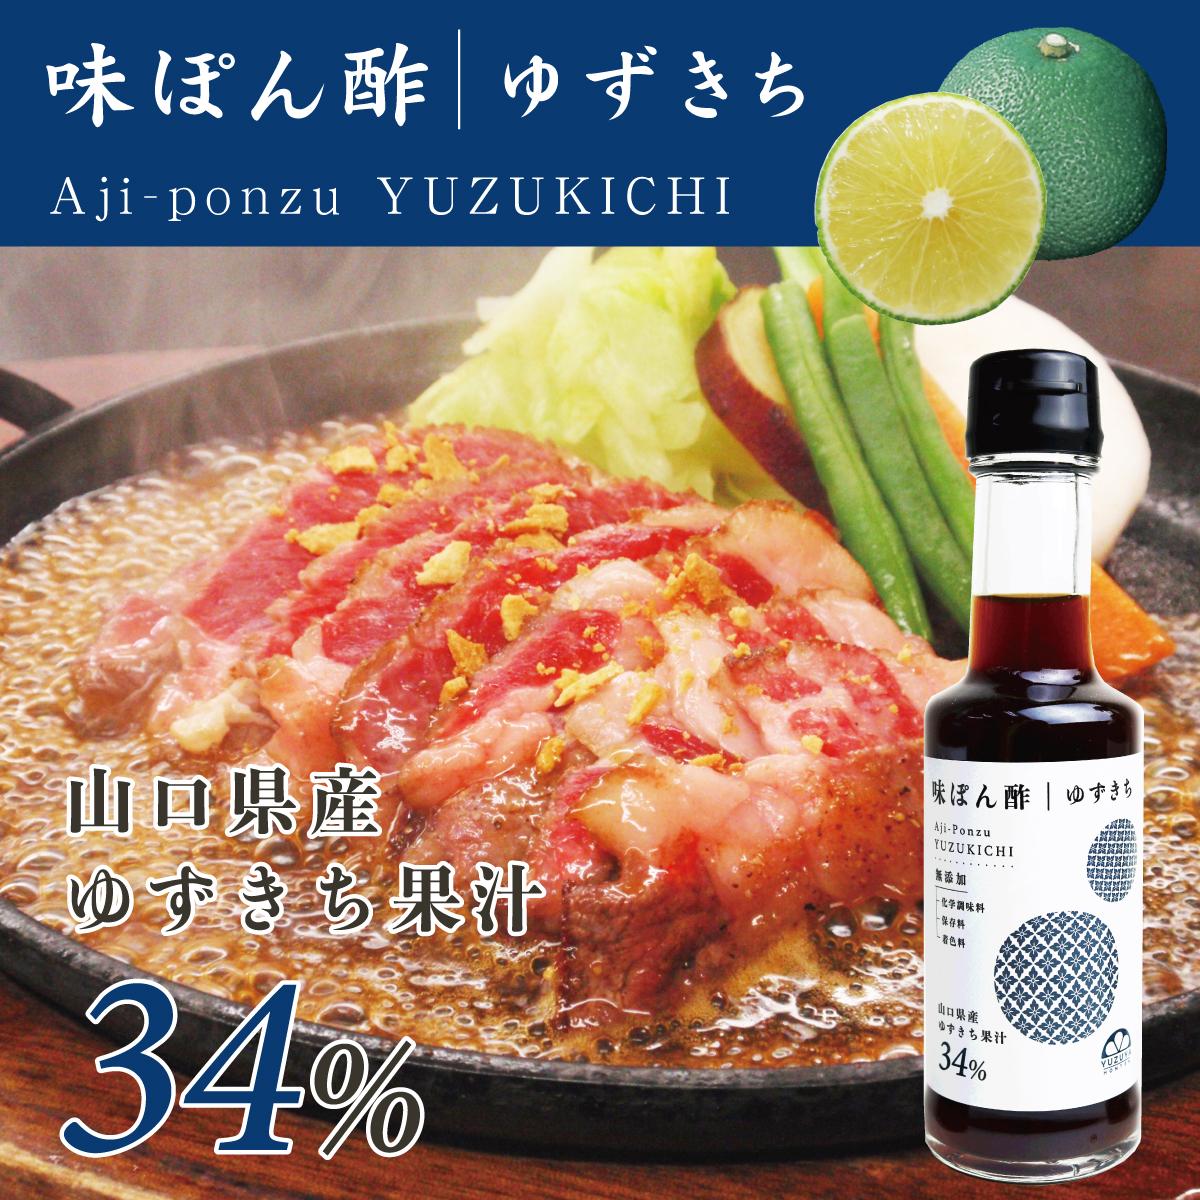 味ぽん酢-ゆずきち/山口県産ゆずきち果汁34%使用